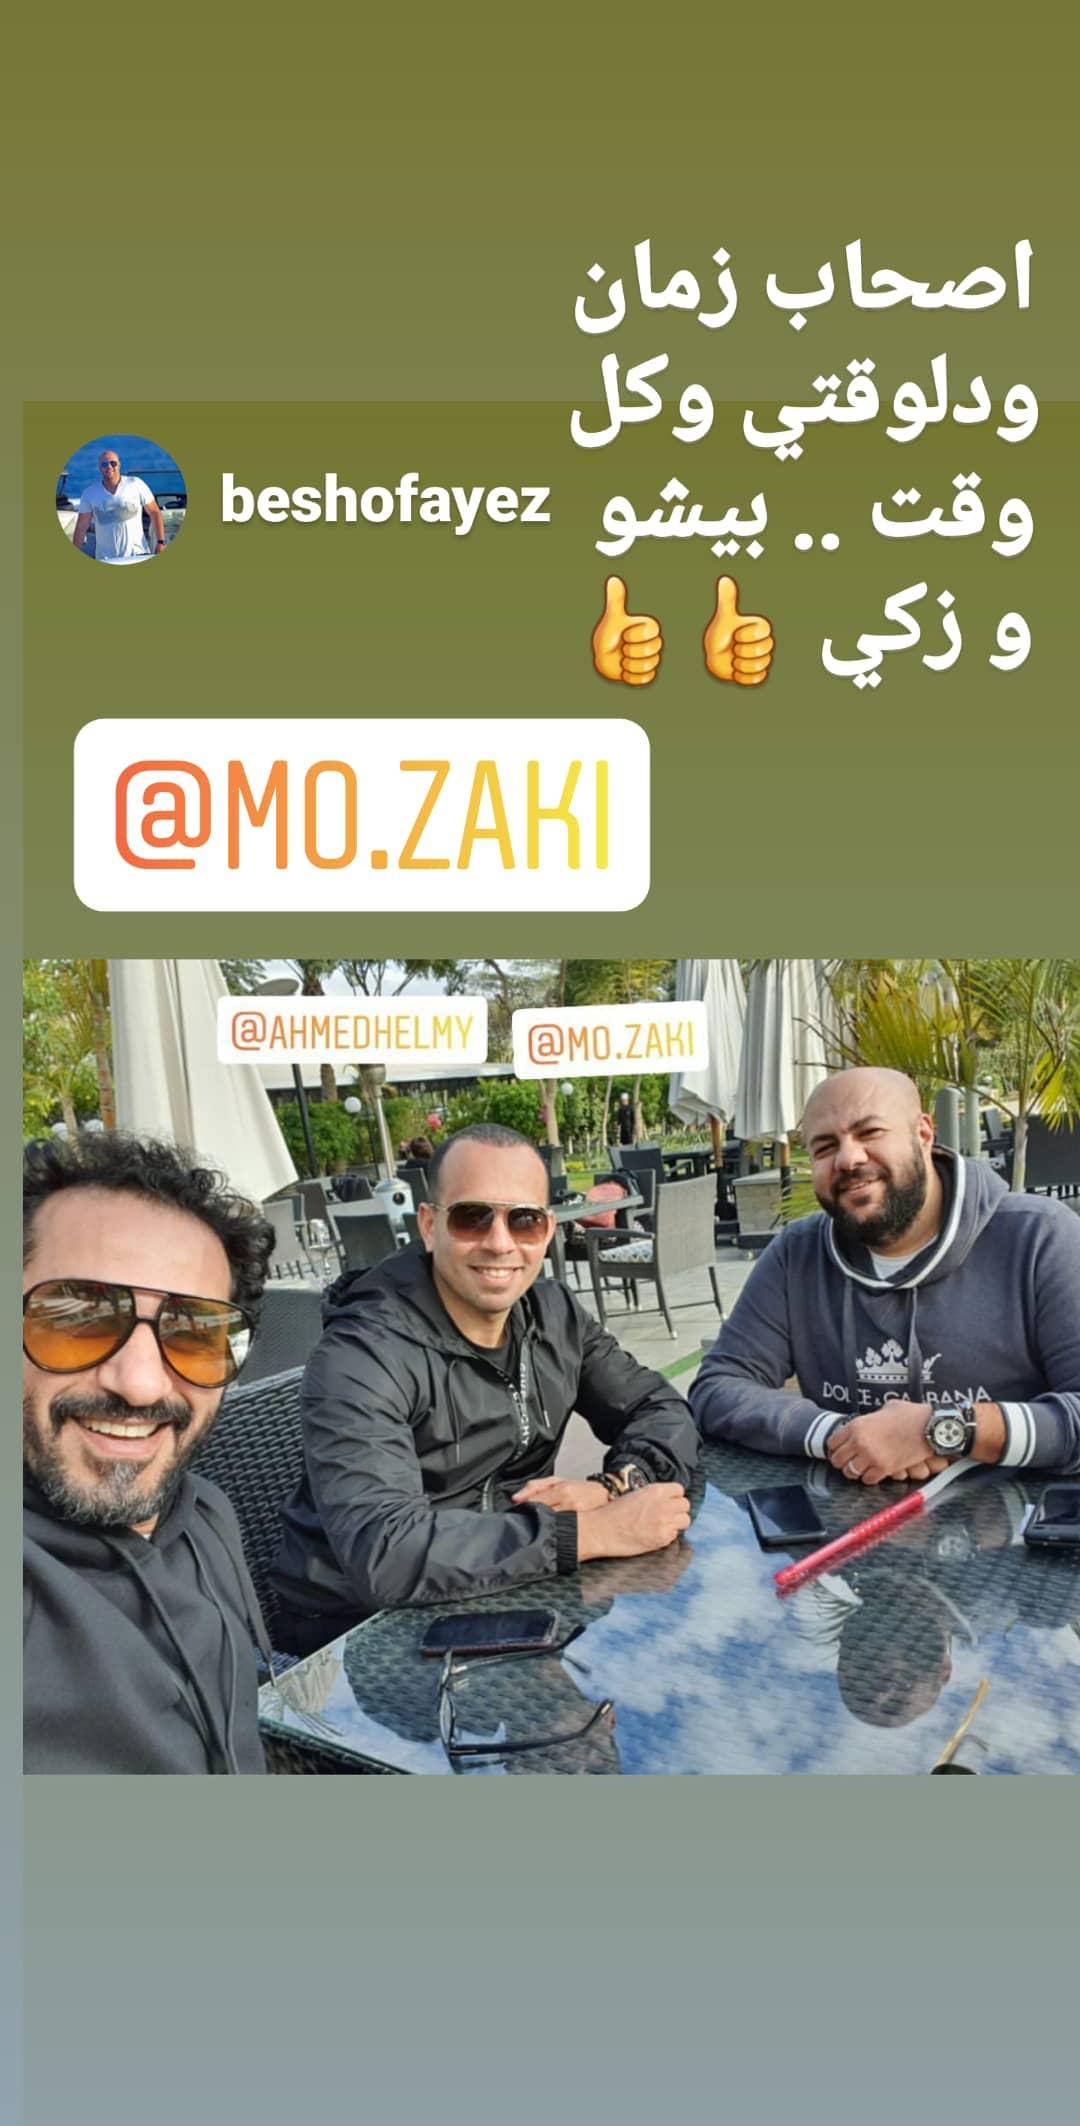 أحمد حلمى يحتفى بصورته مع أصدقاء زمان